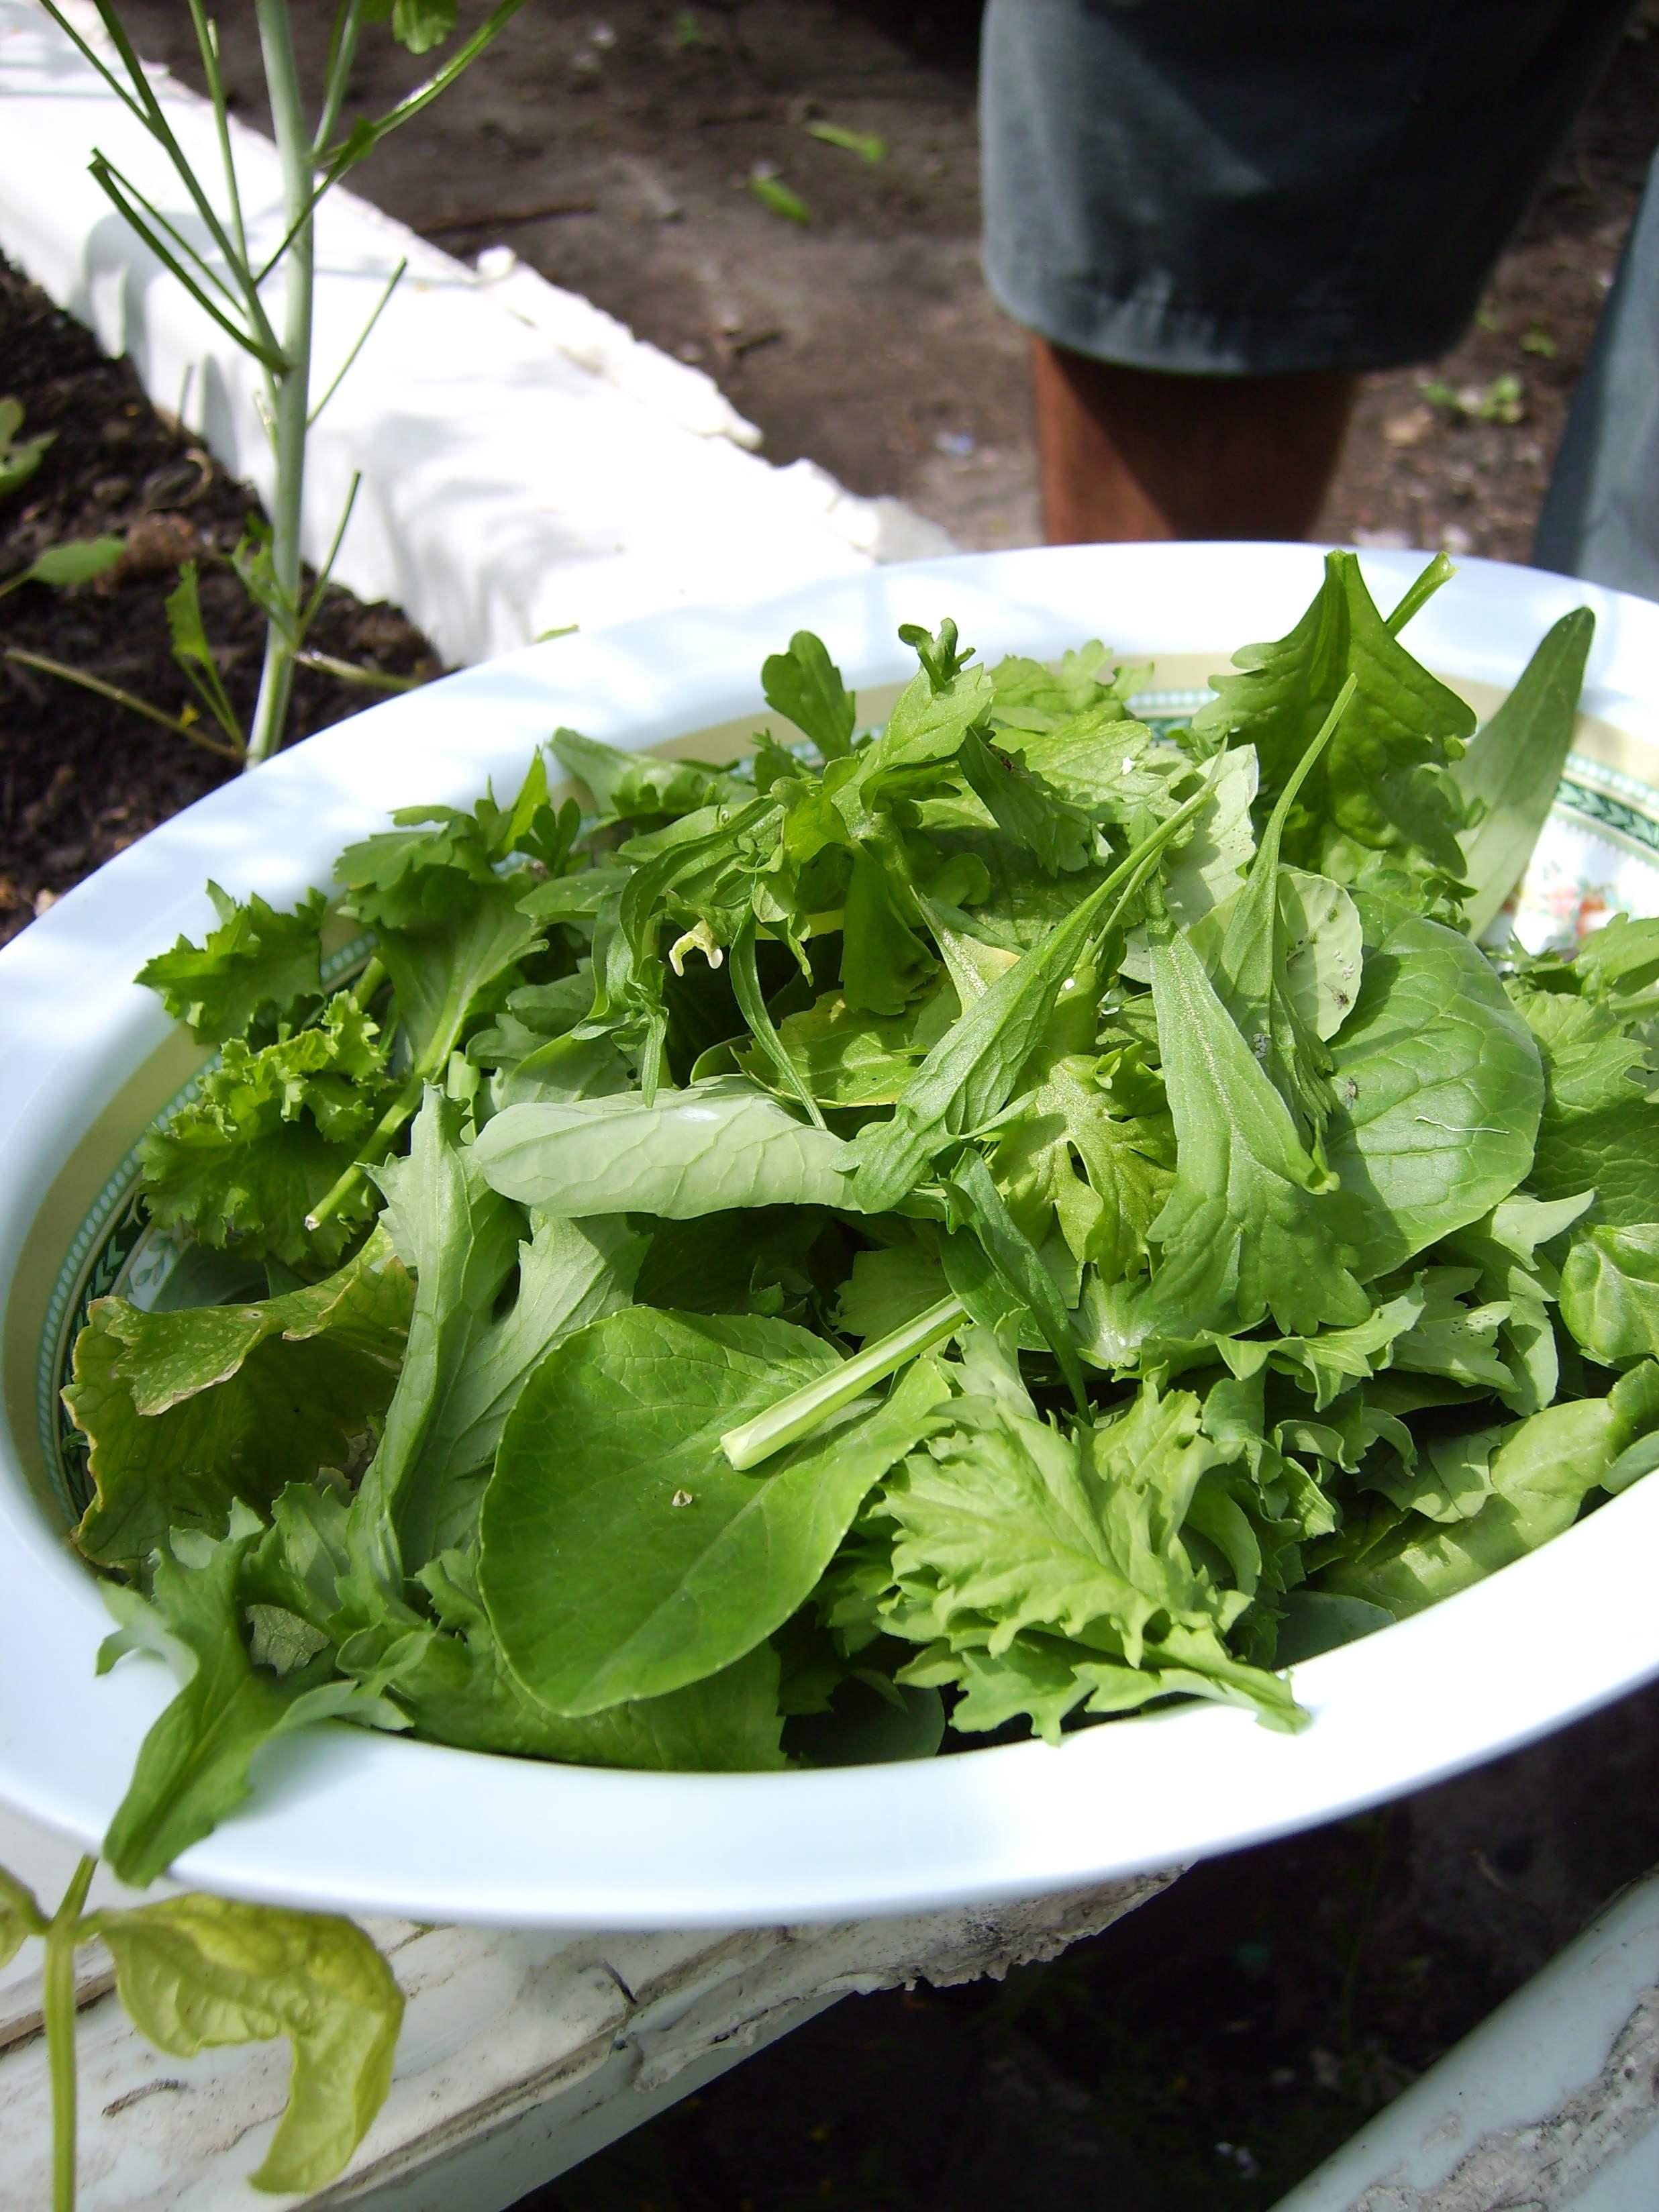 Harvested salad